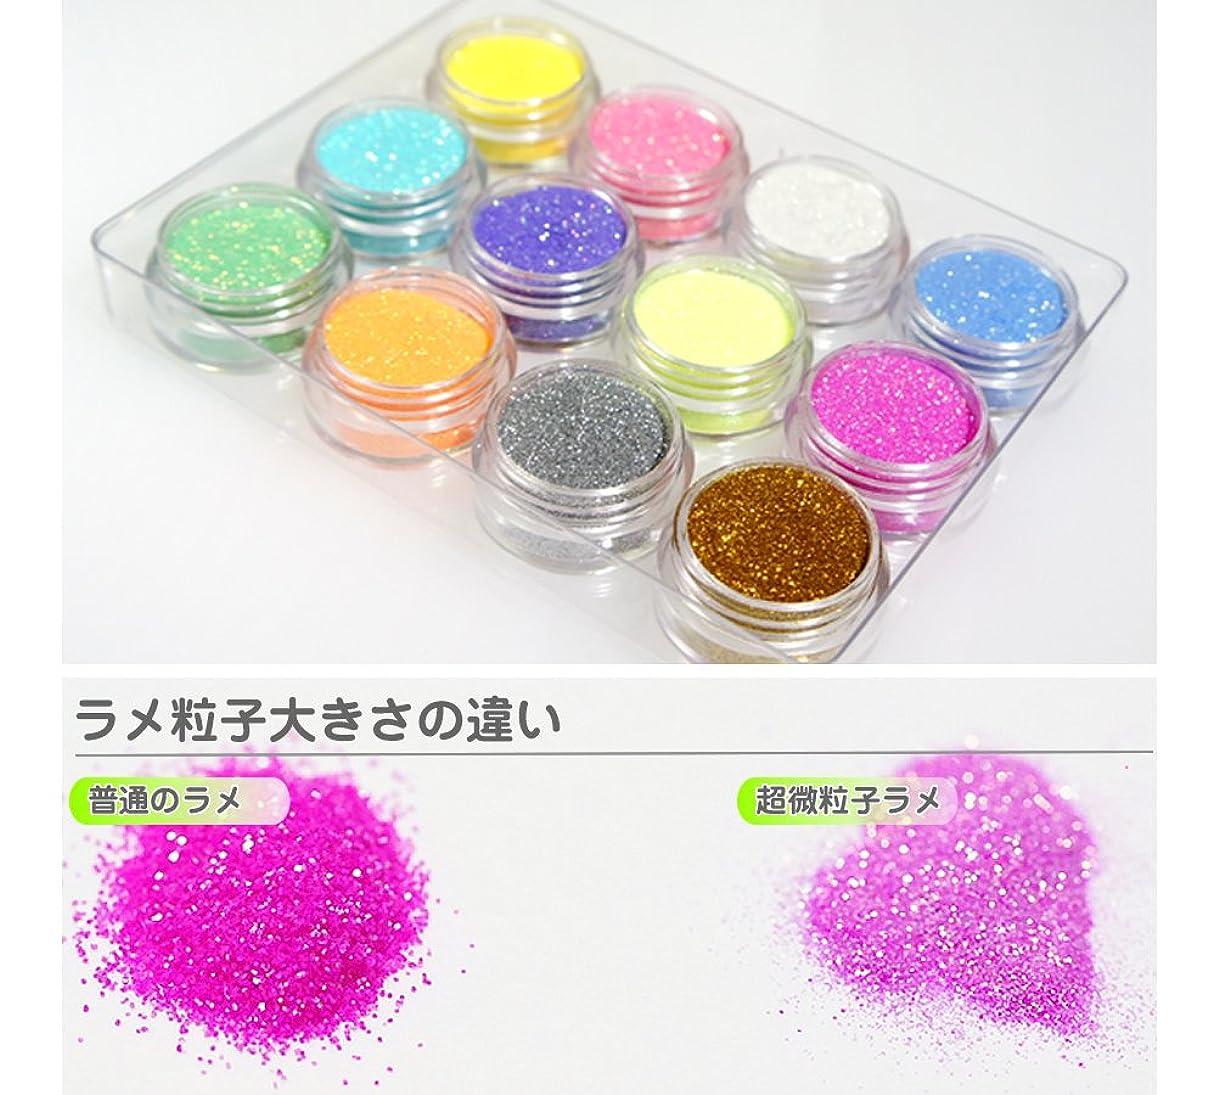 おばあさんおばあさんベースネオコレクションオリジナル☆超微粒子ラメパウダー0.1mm、砂のようにサラサラで抜群の発色 ジェルネイルアートに!